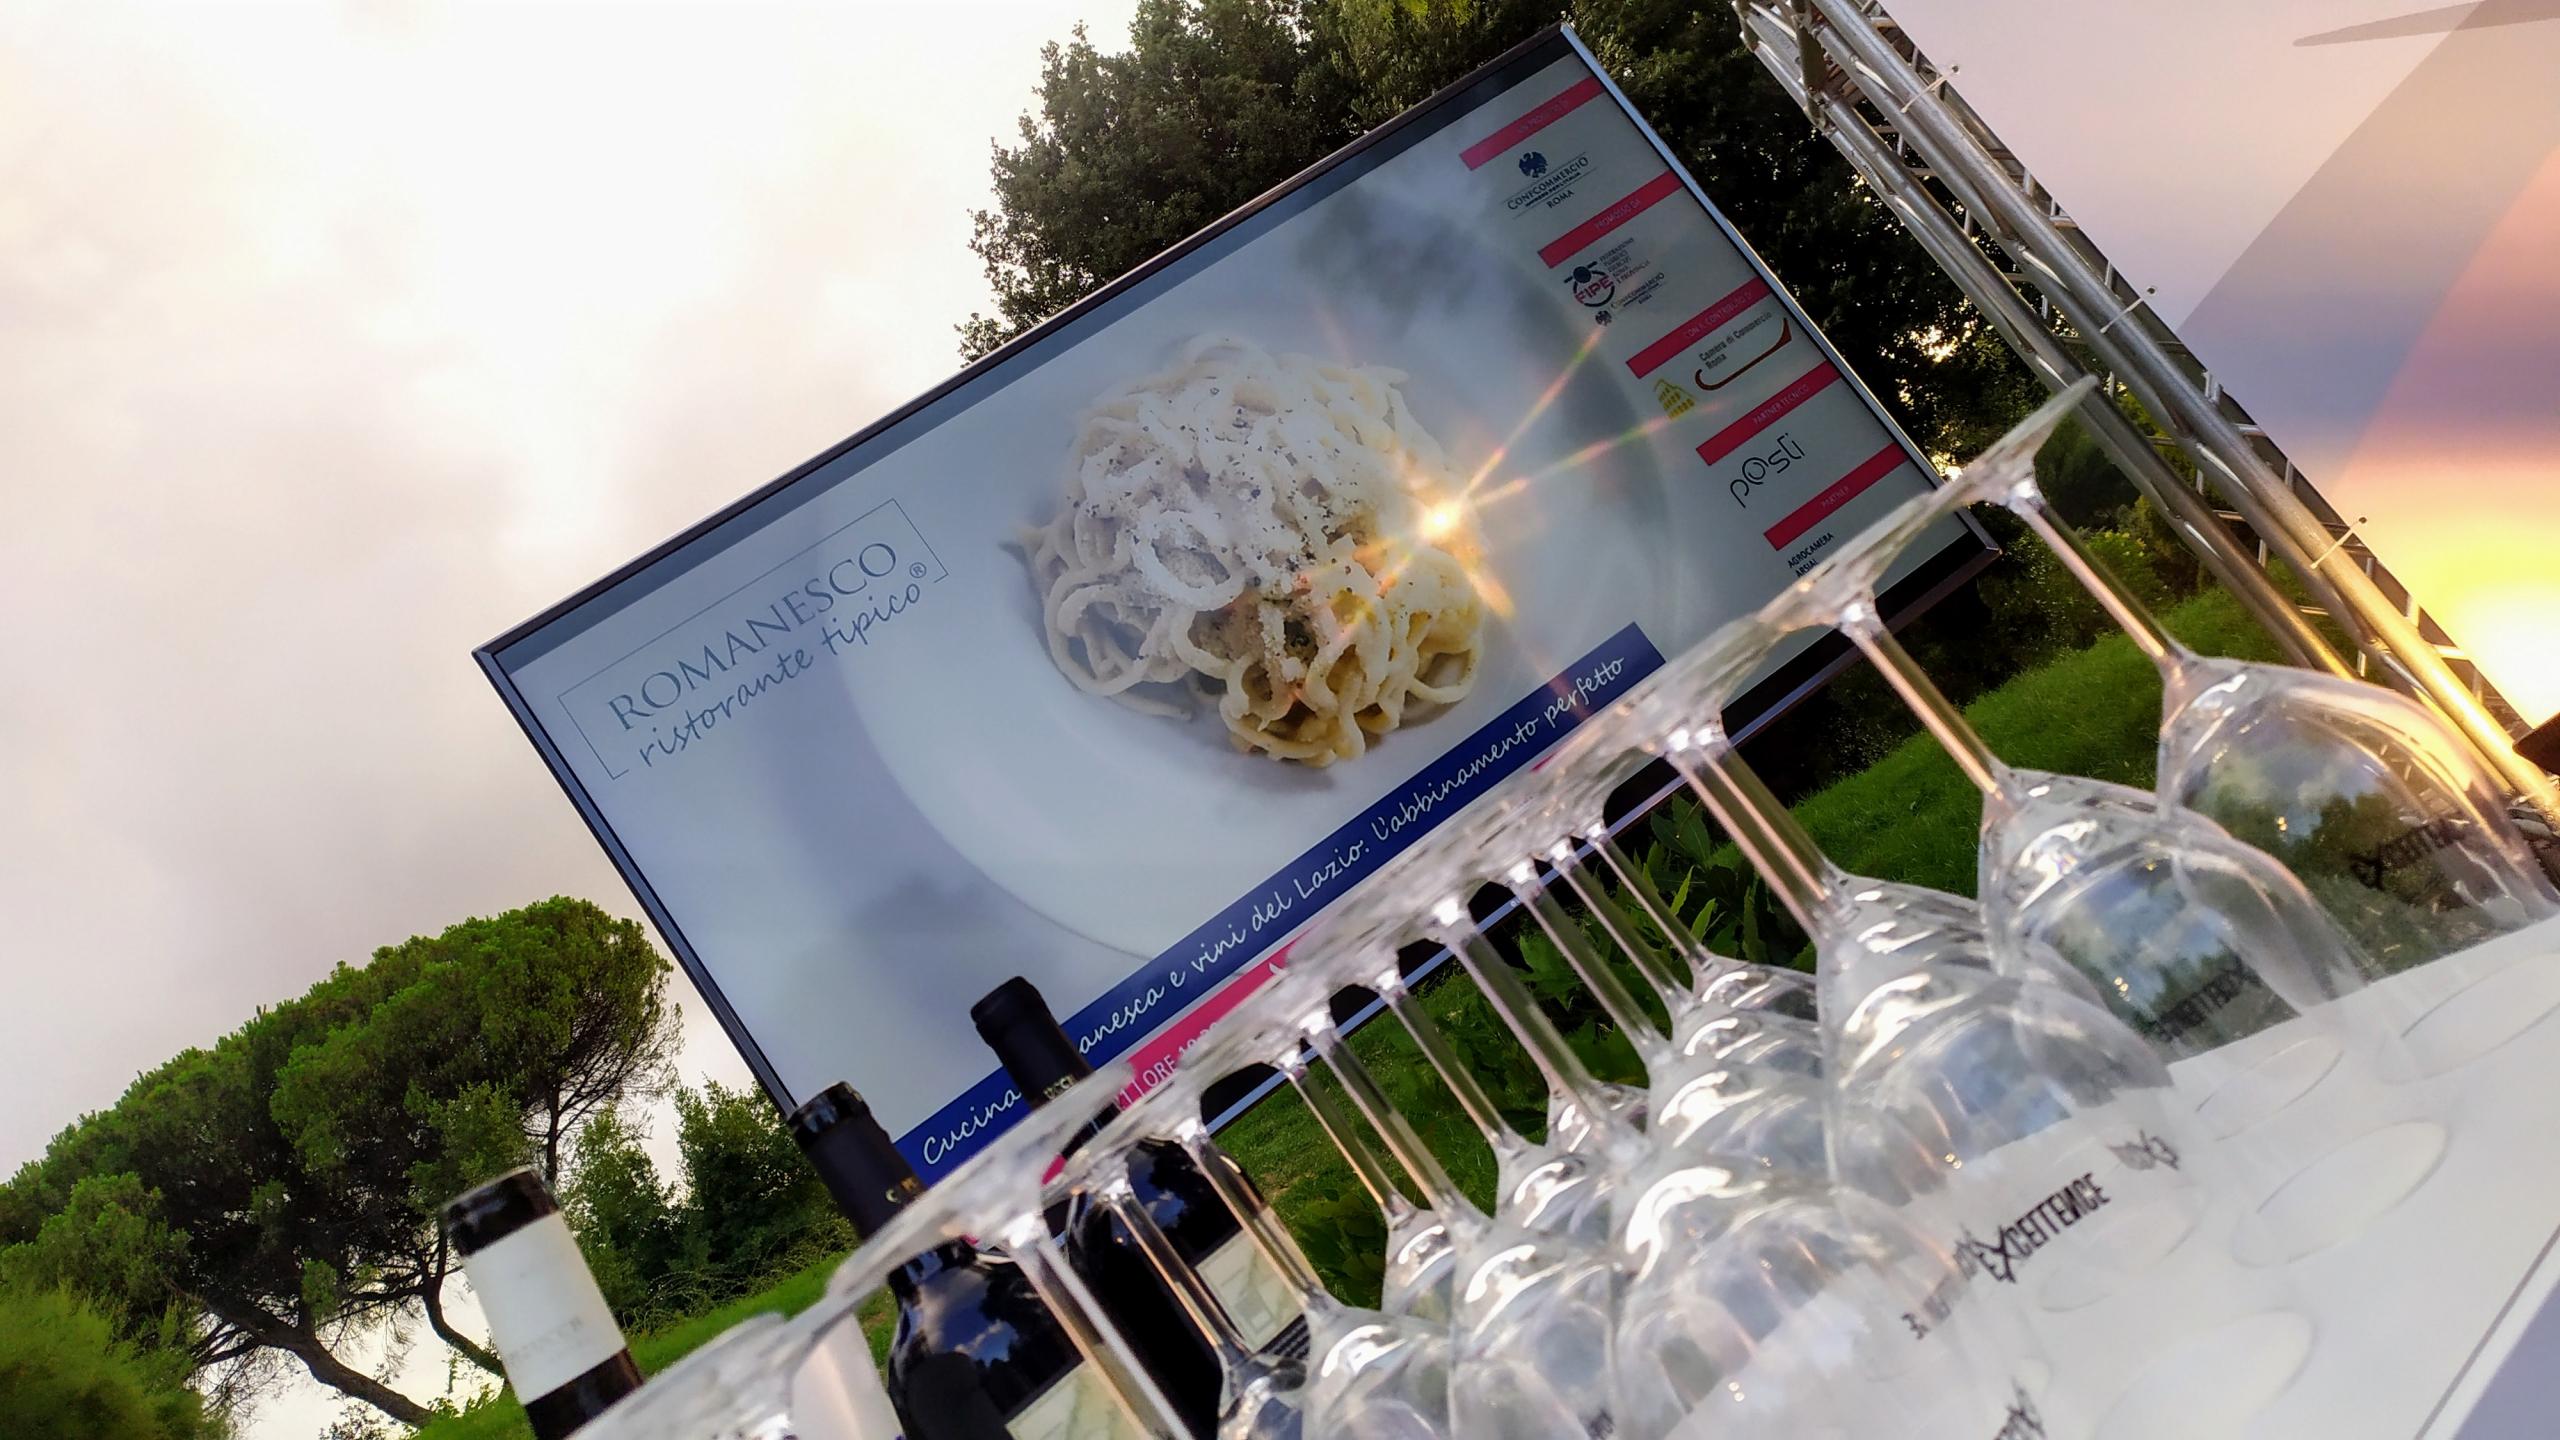 FIPE porta a VinoXRoma l'abbinamento perfetto tra cucina romanesca e vini del Lazio